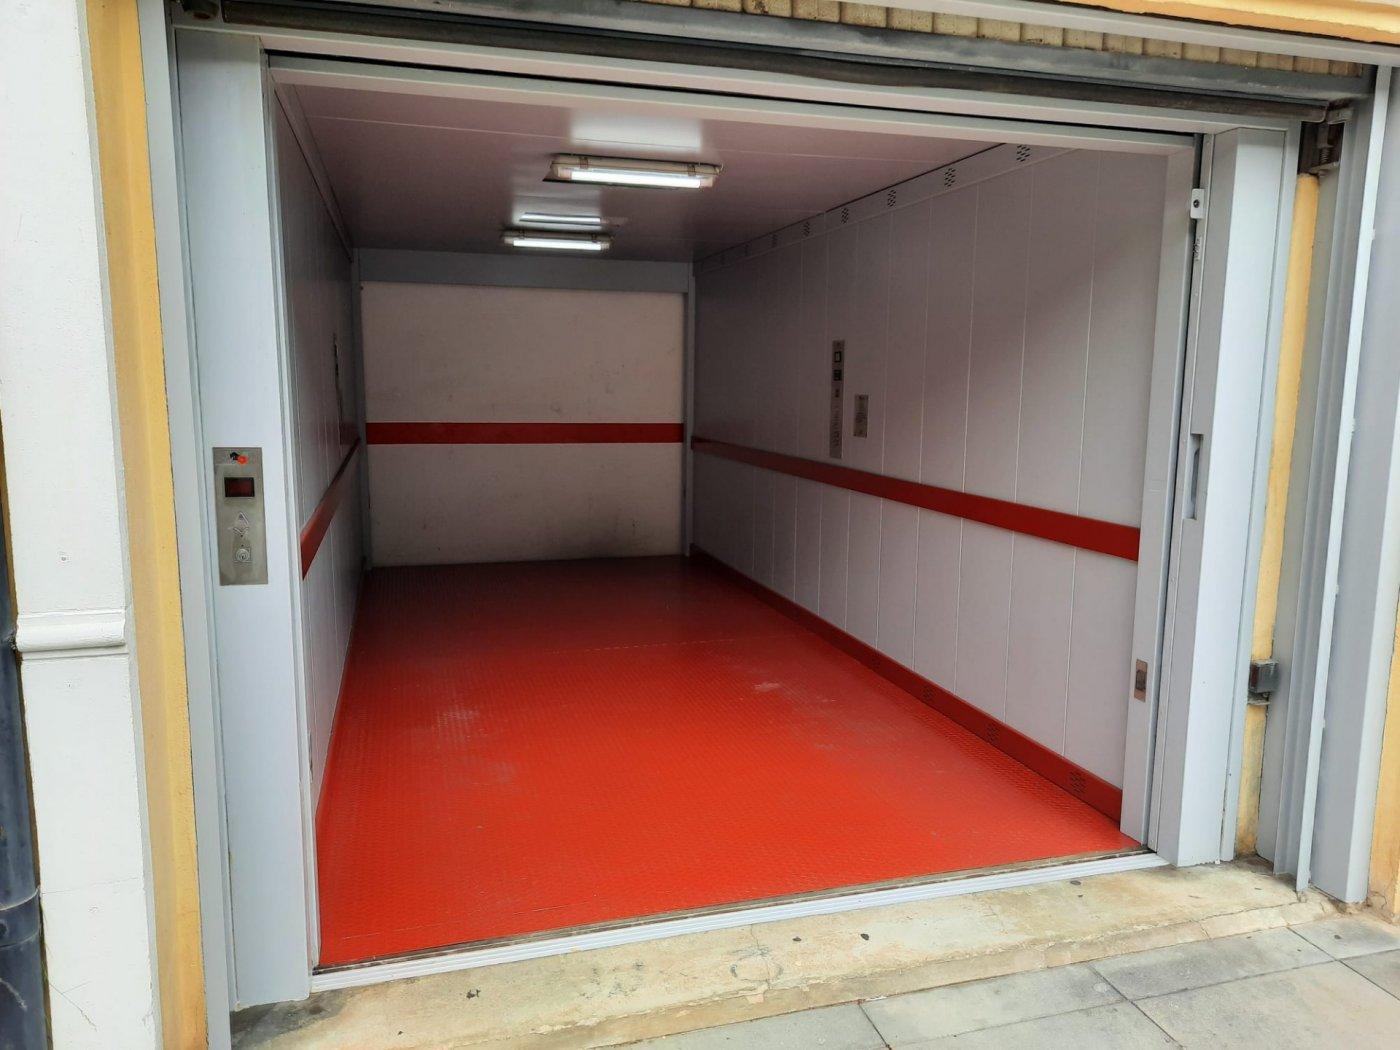 Garaje en  sotano con elevador  en plaza prado - imagenInmueble6